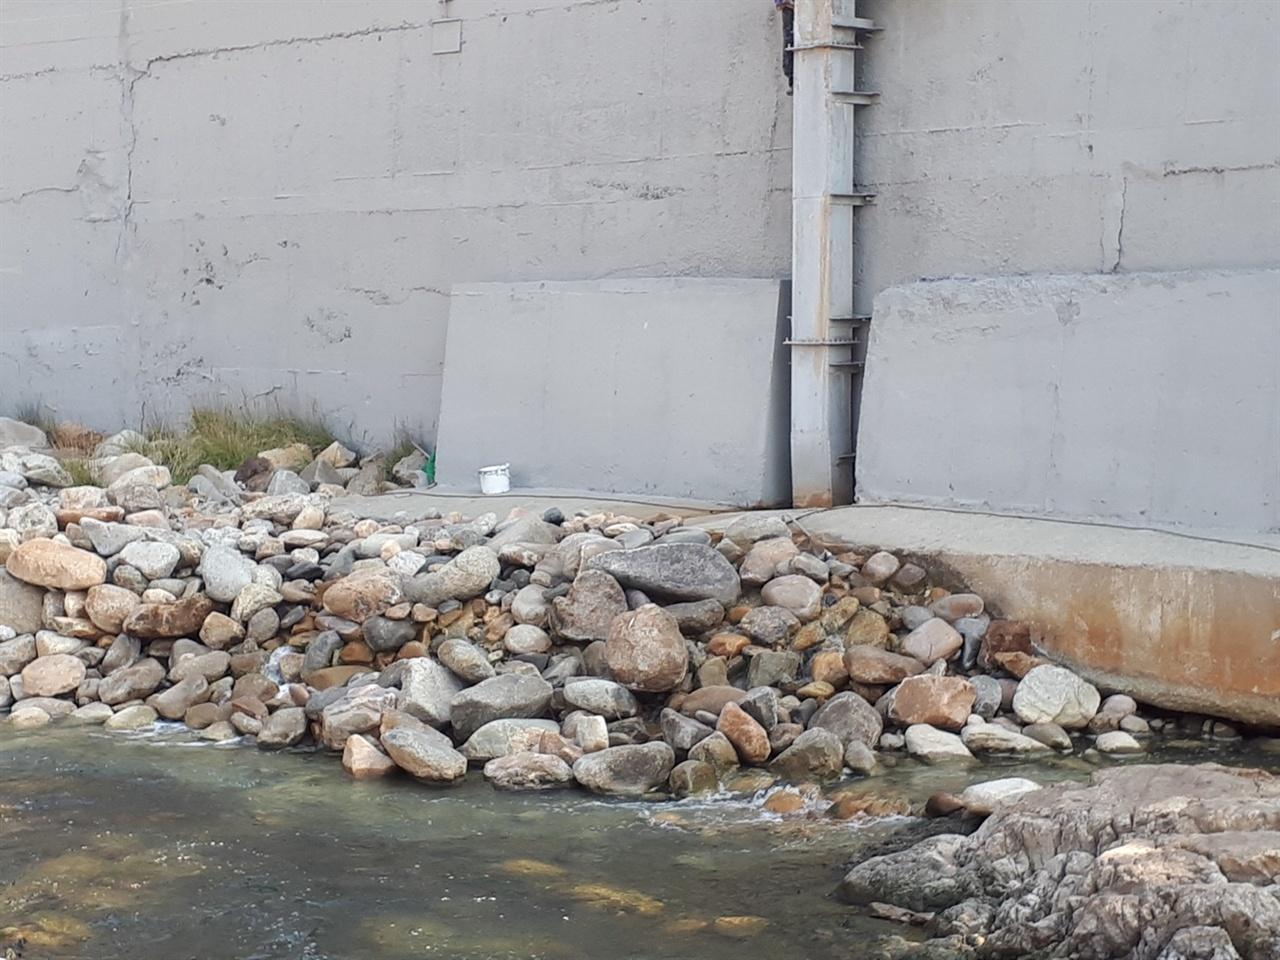 영풍제련소 폐수처리장 최종 처리수 방류구를 사석으로 완전 가려놓았다.